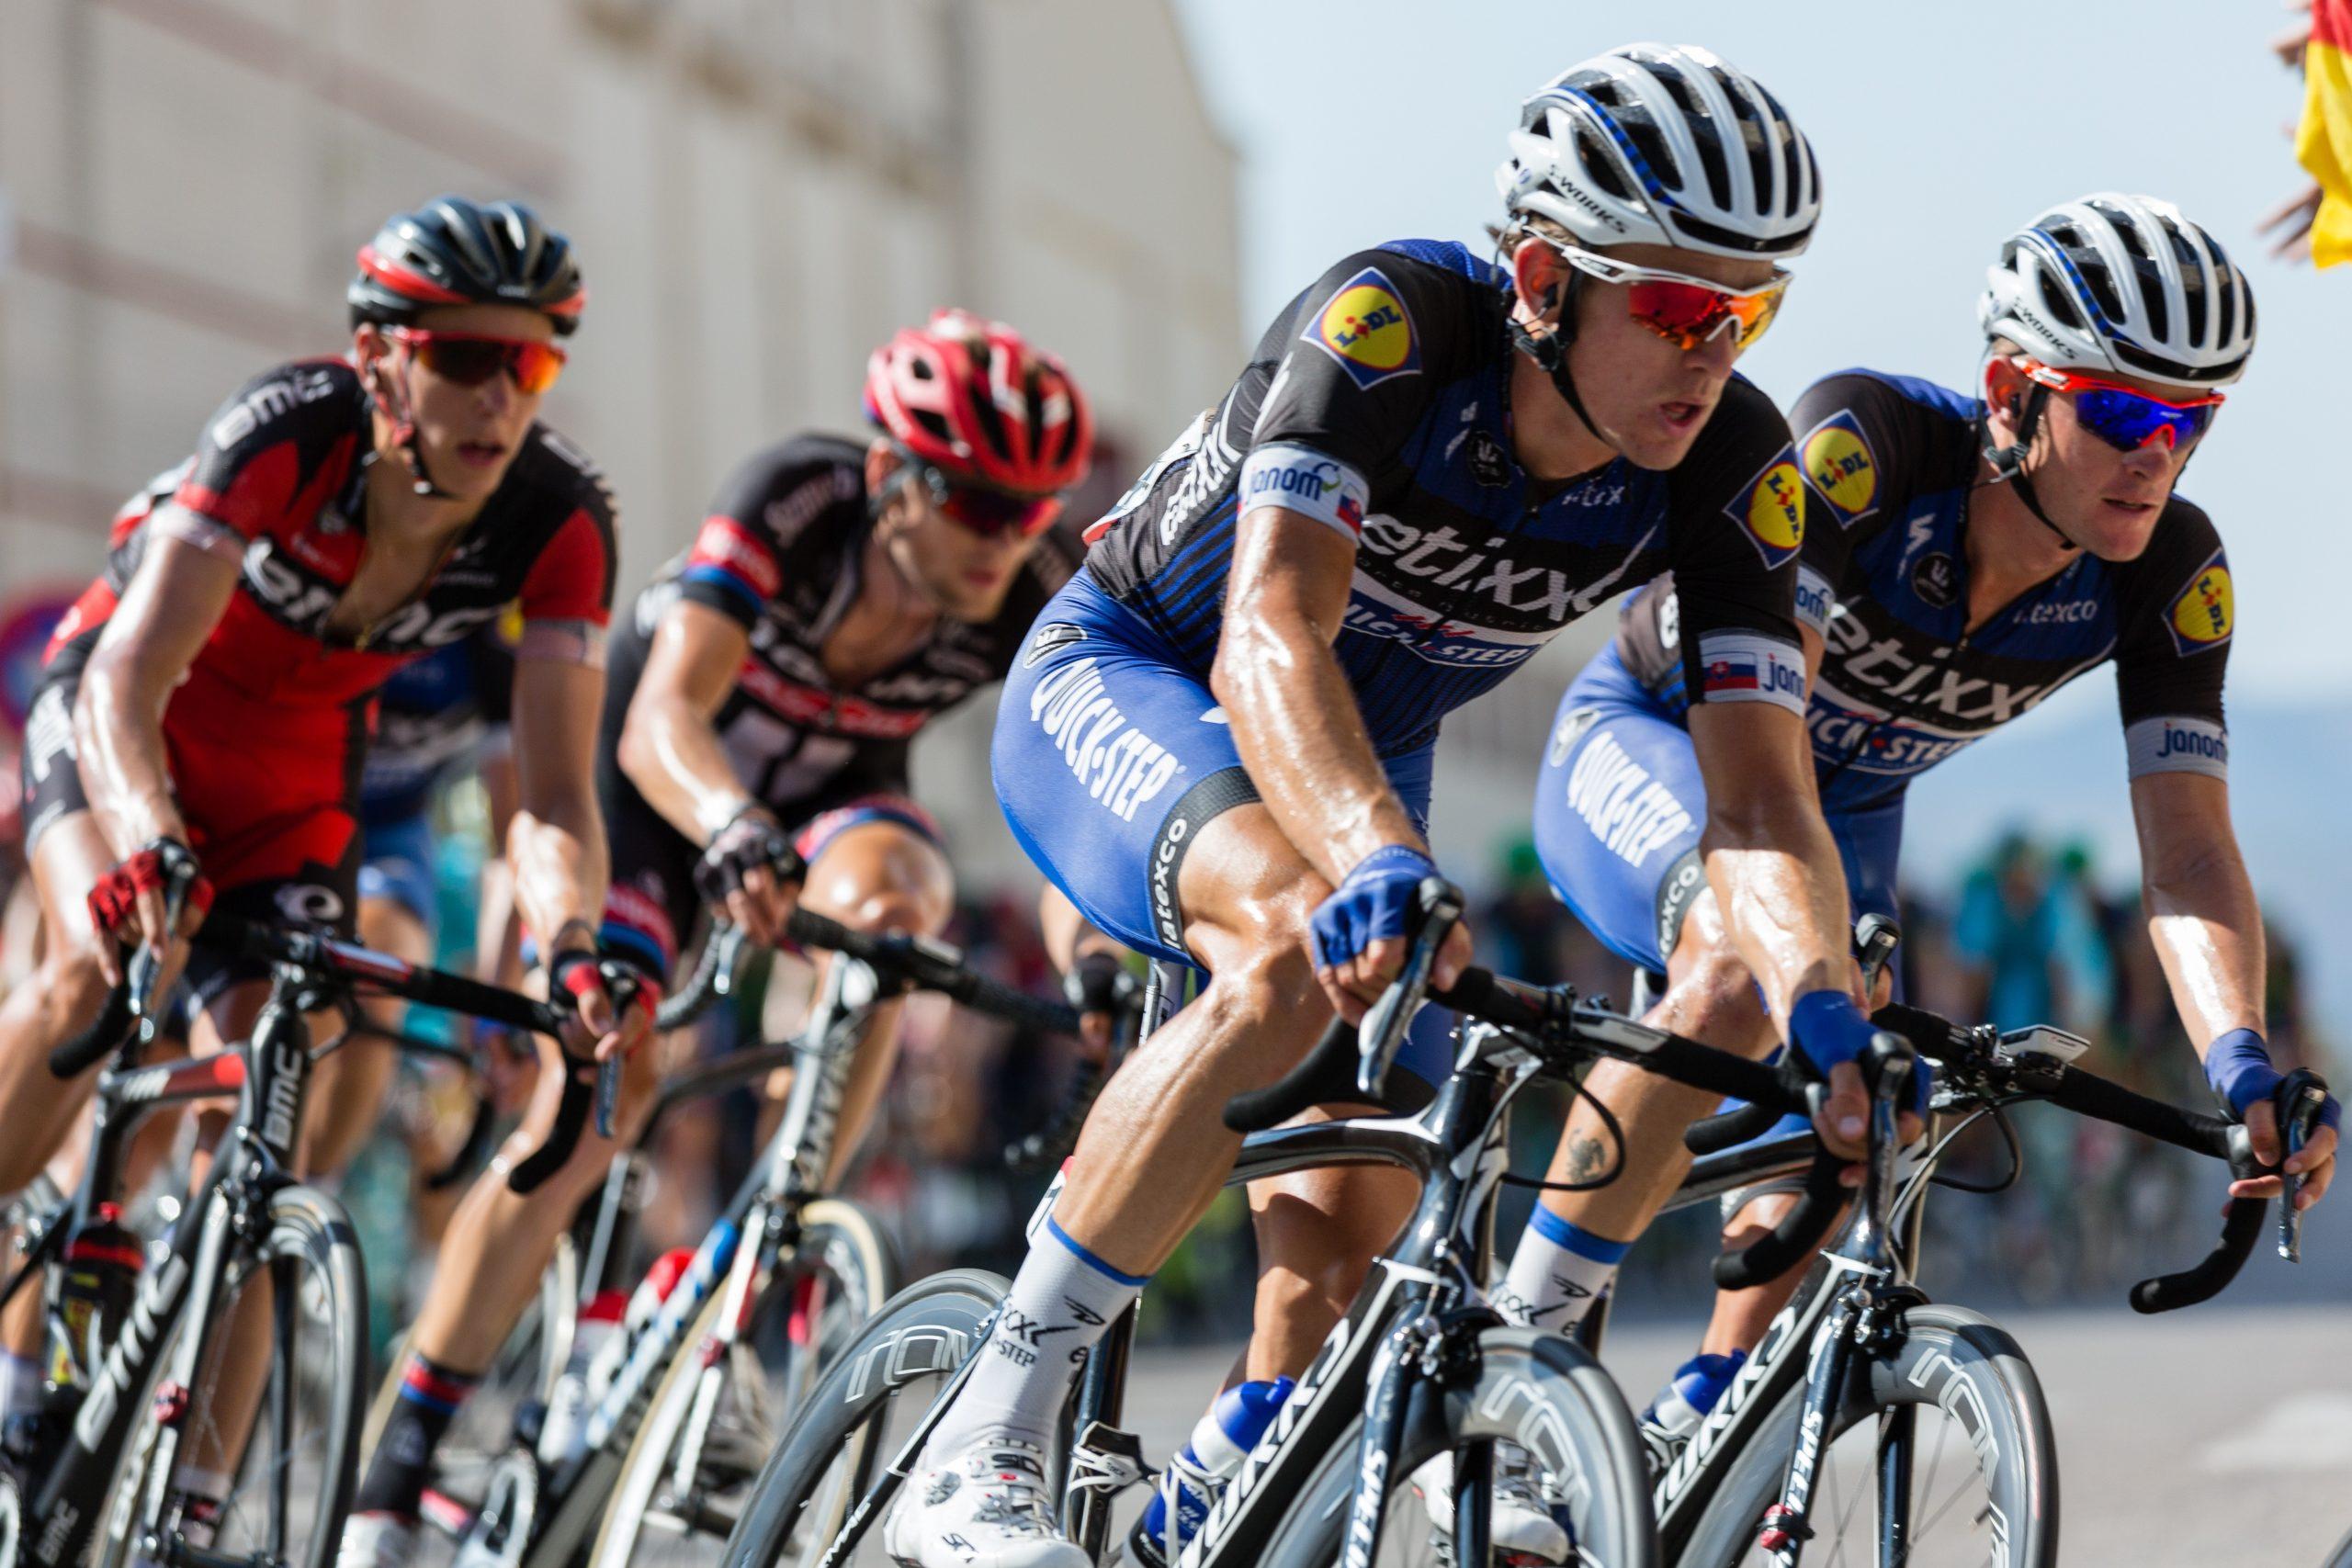 A foto mostra ciclistas em uma corrida profissional de bicicletas